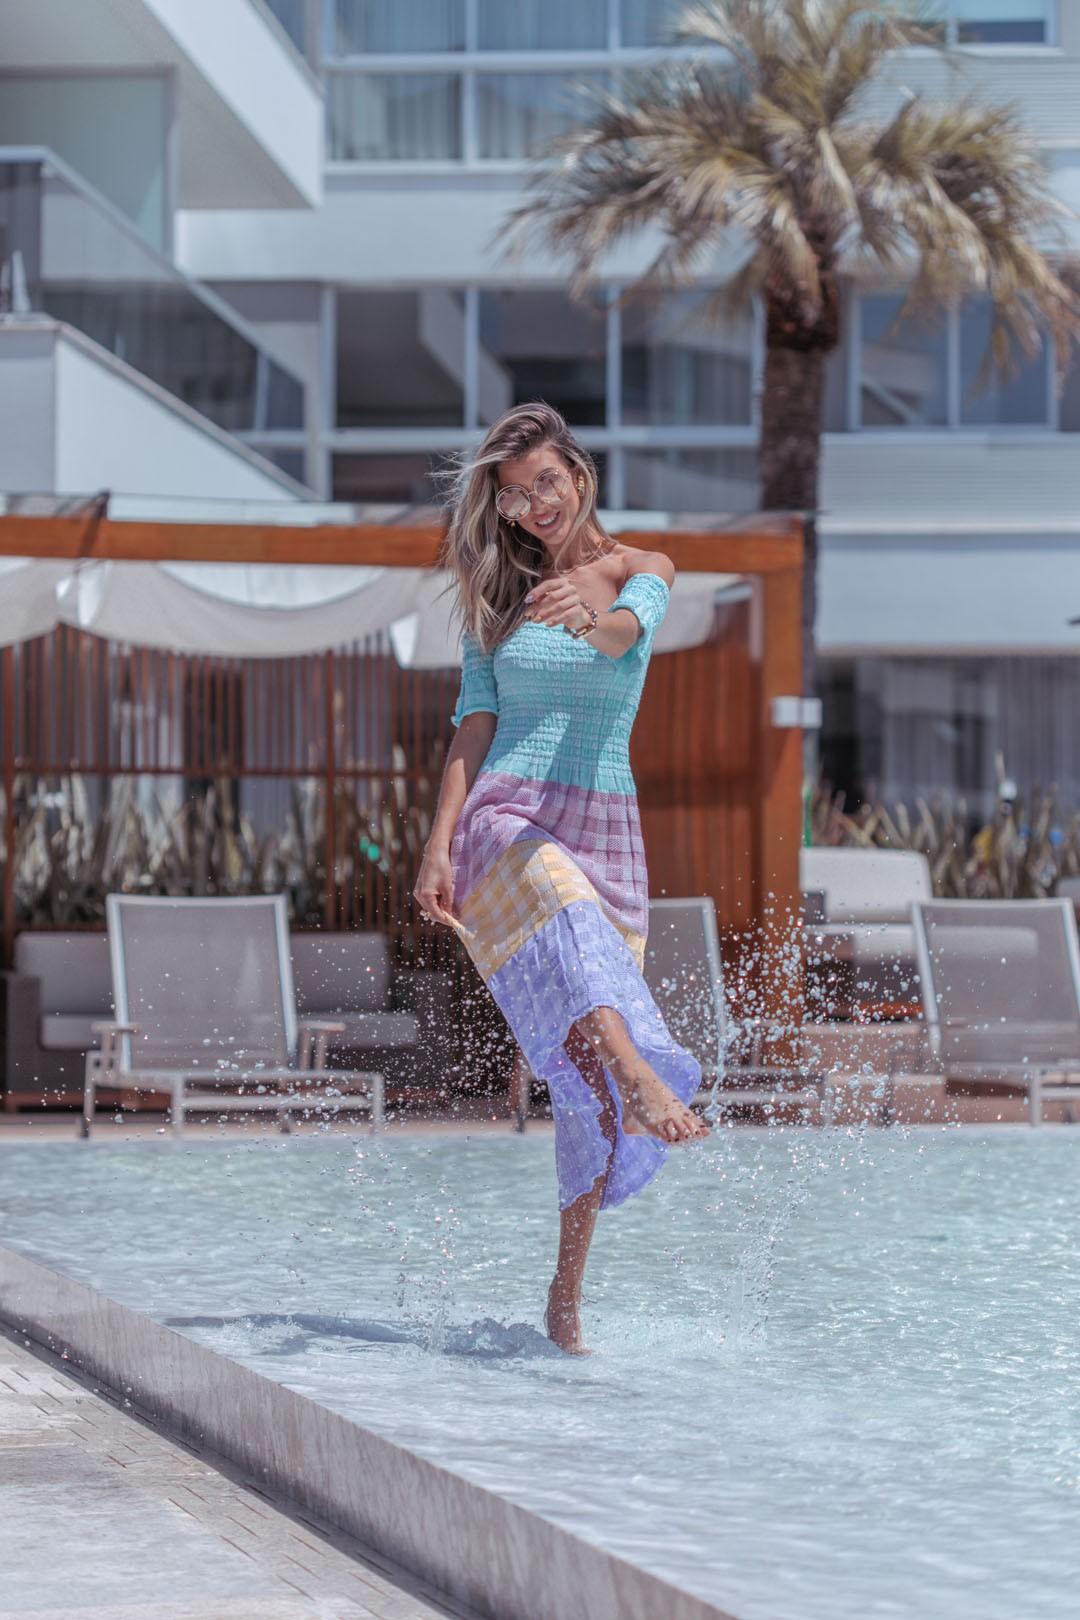 Vestido Jasmim Vera Tricot Feminino Midi Quadriculado Candy Colors Lilás / Amarelo / Rosa / Verde água